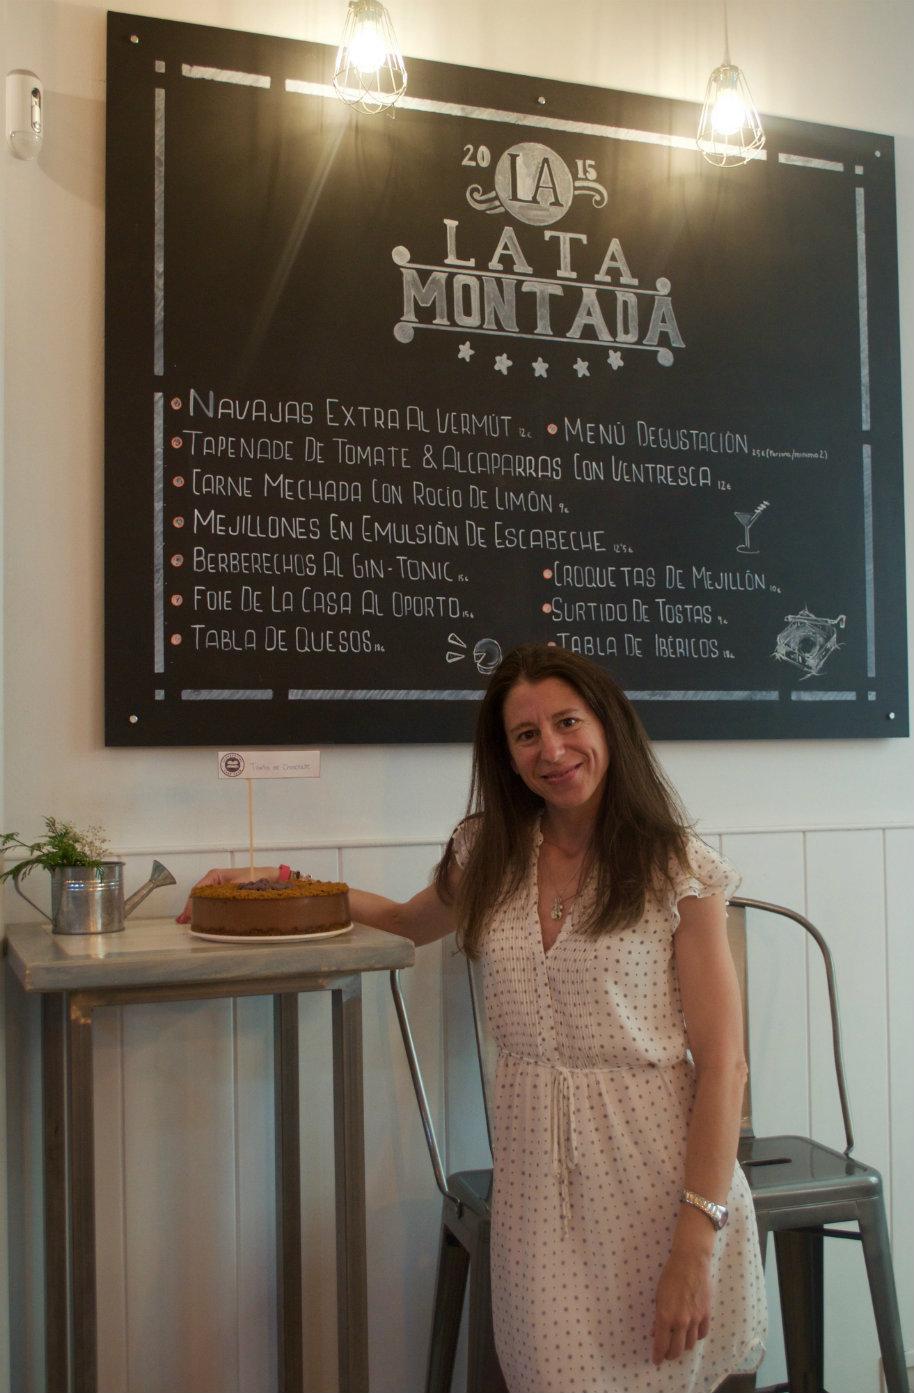 """Reunión clandestina de reposteros temática """"TARTAS SORPRESAS"""": Olga de Olga en el país de los cupcakes"""